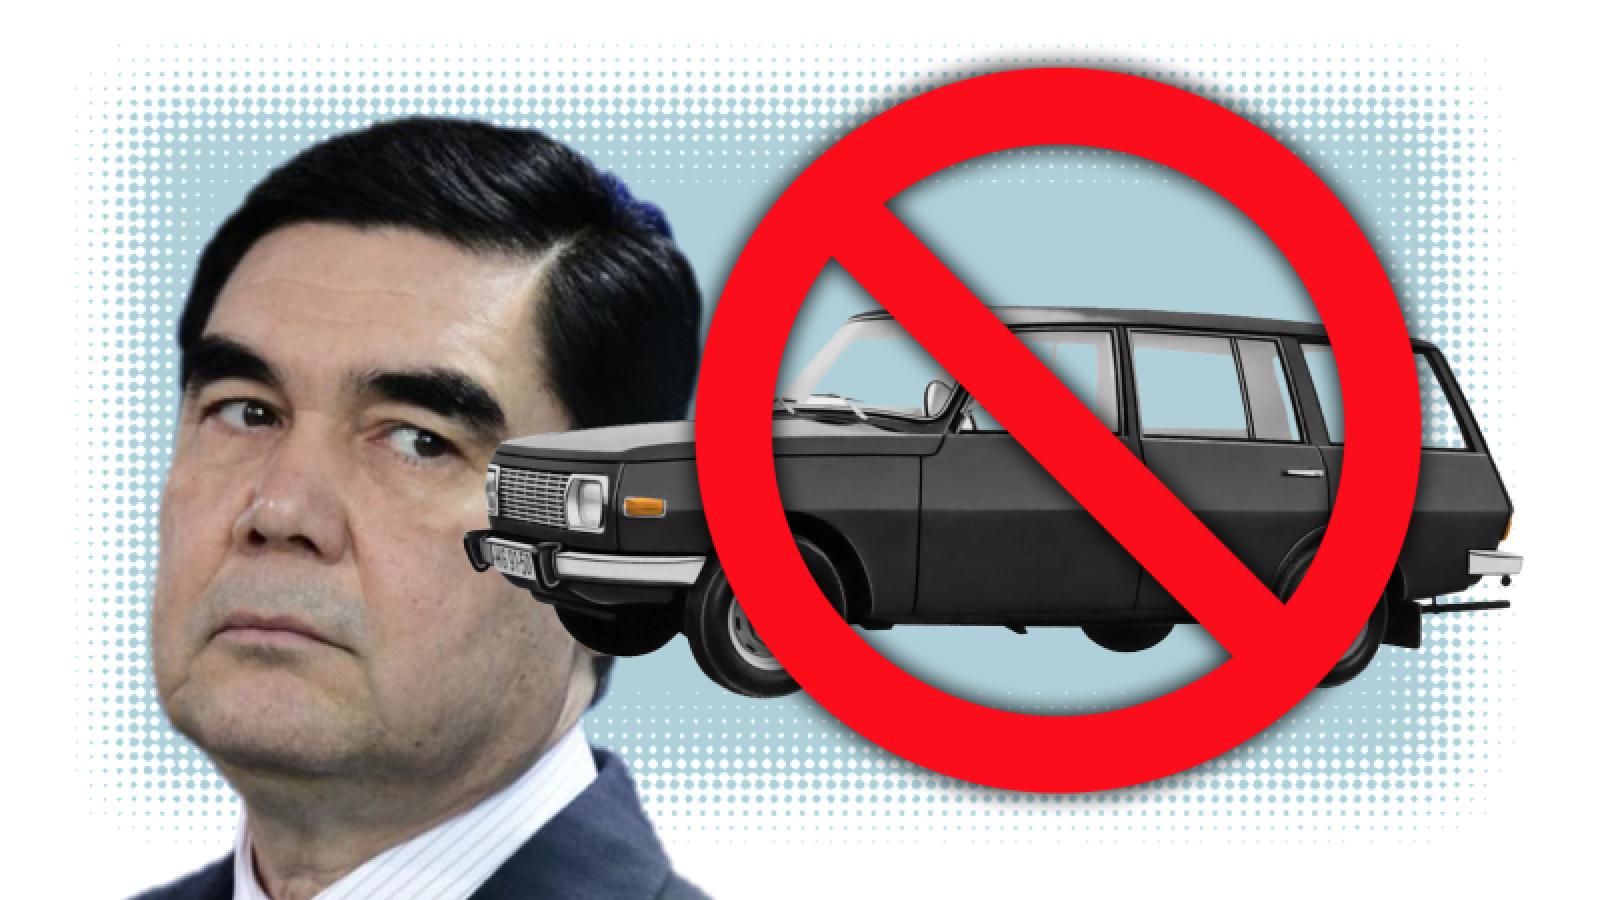 Haos în Turkmenistan! Poliţiştii opresc toate maşinile de culoare închisă, iar femeilor li s-a interzis să conducă